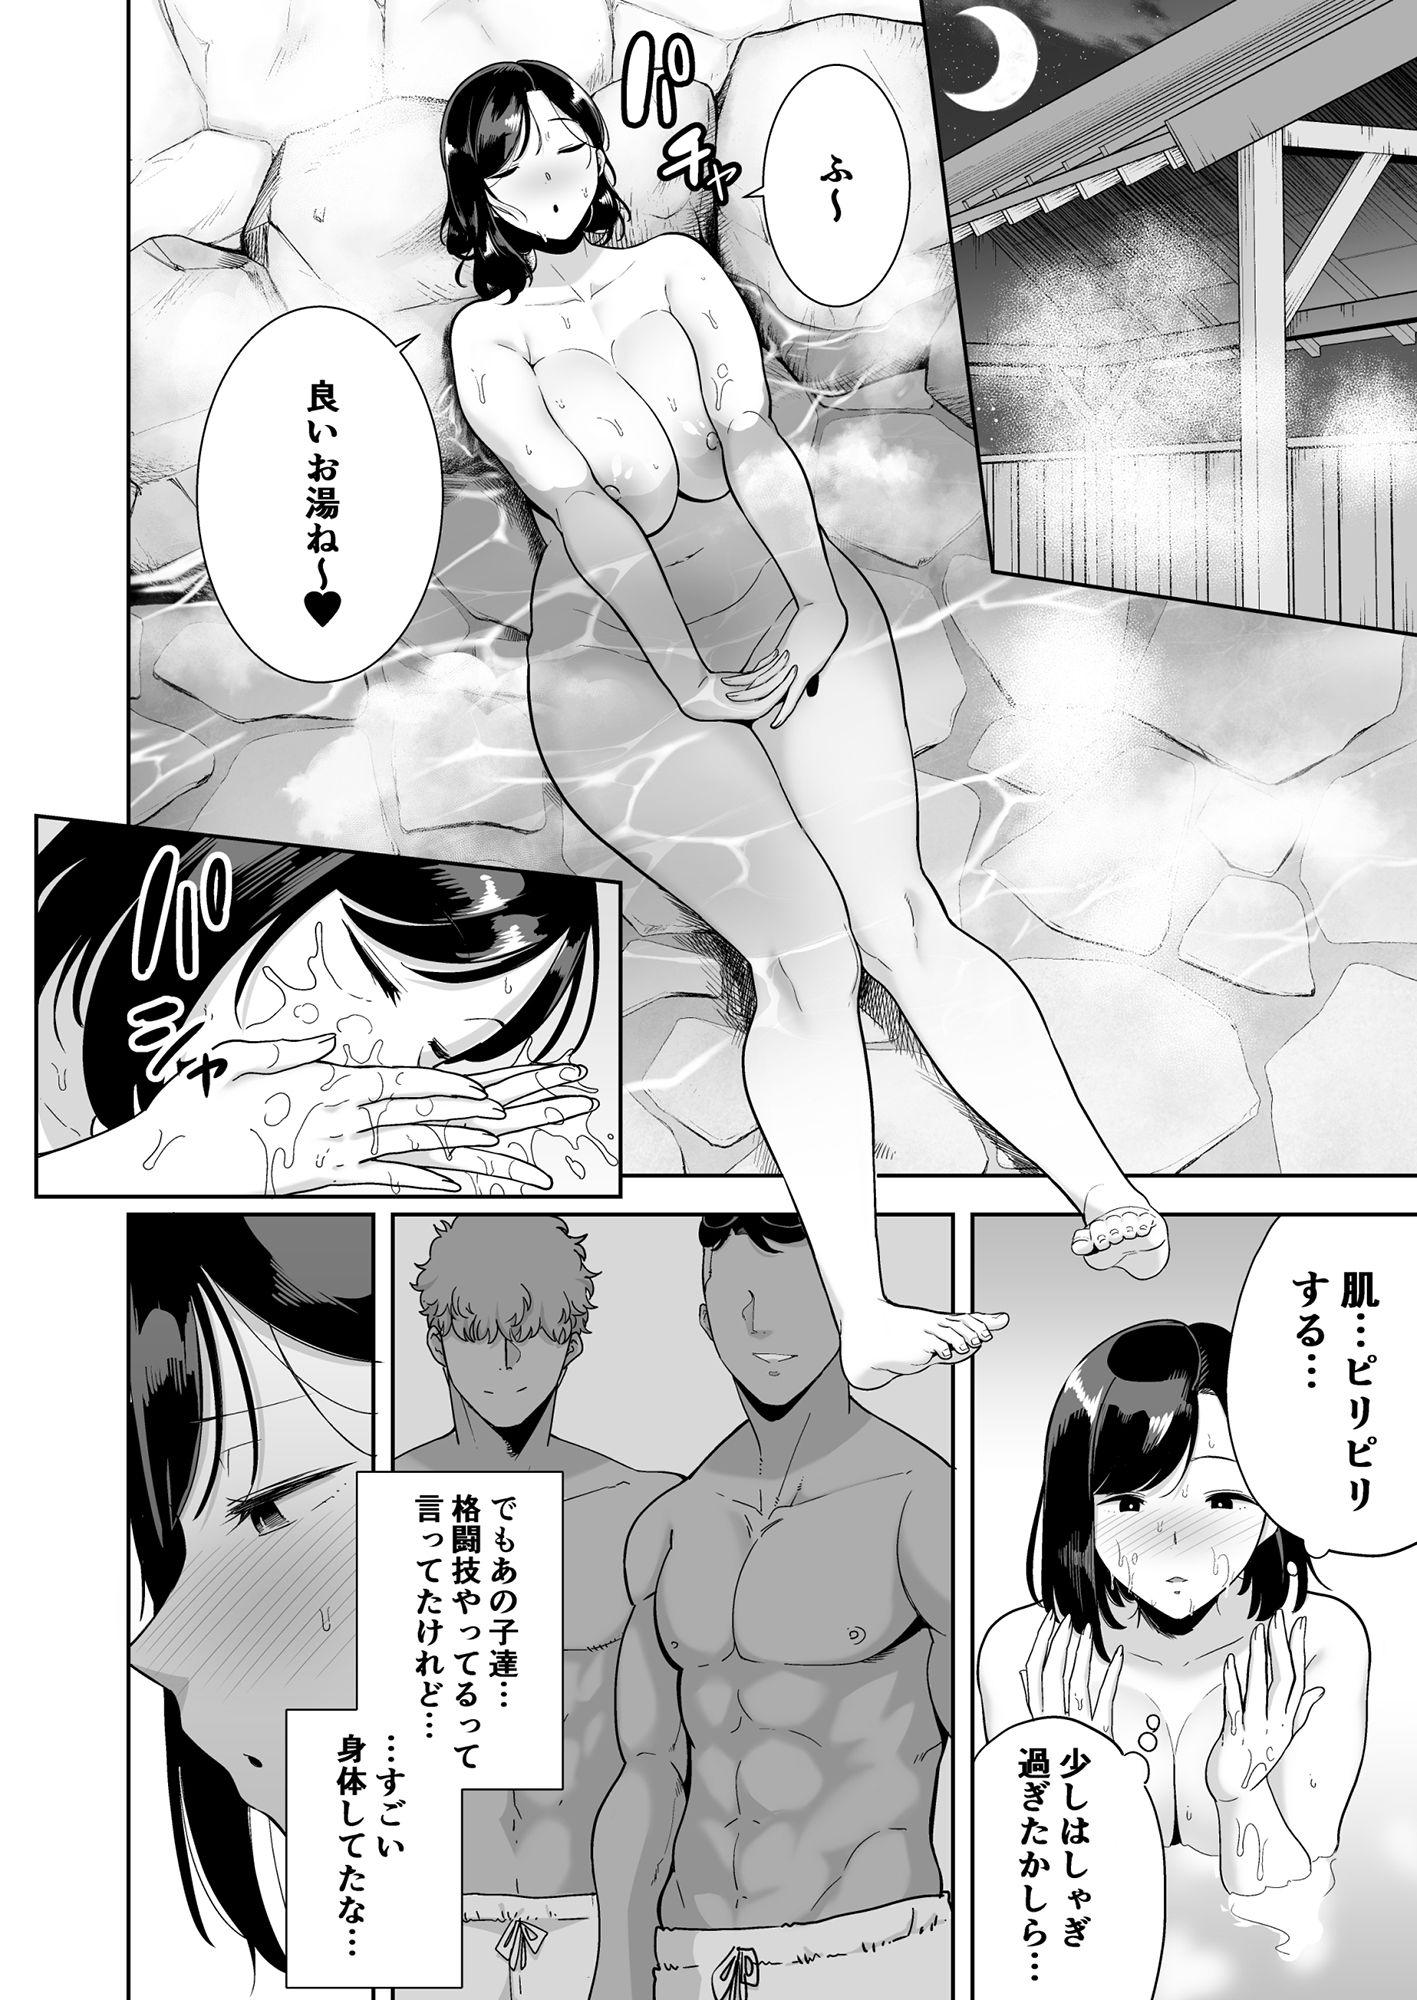 【エロ漫画無料大全集】息子と二人きりの旅行で人妻が寝取られる姿に勃起が収まらないwww